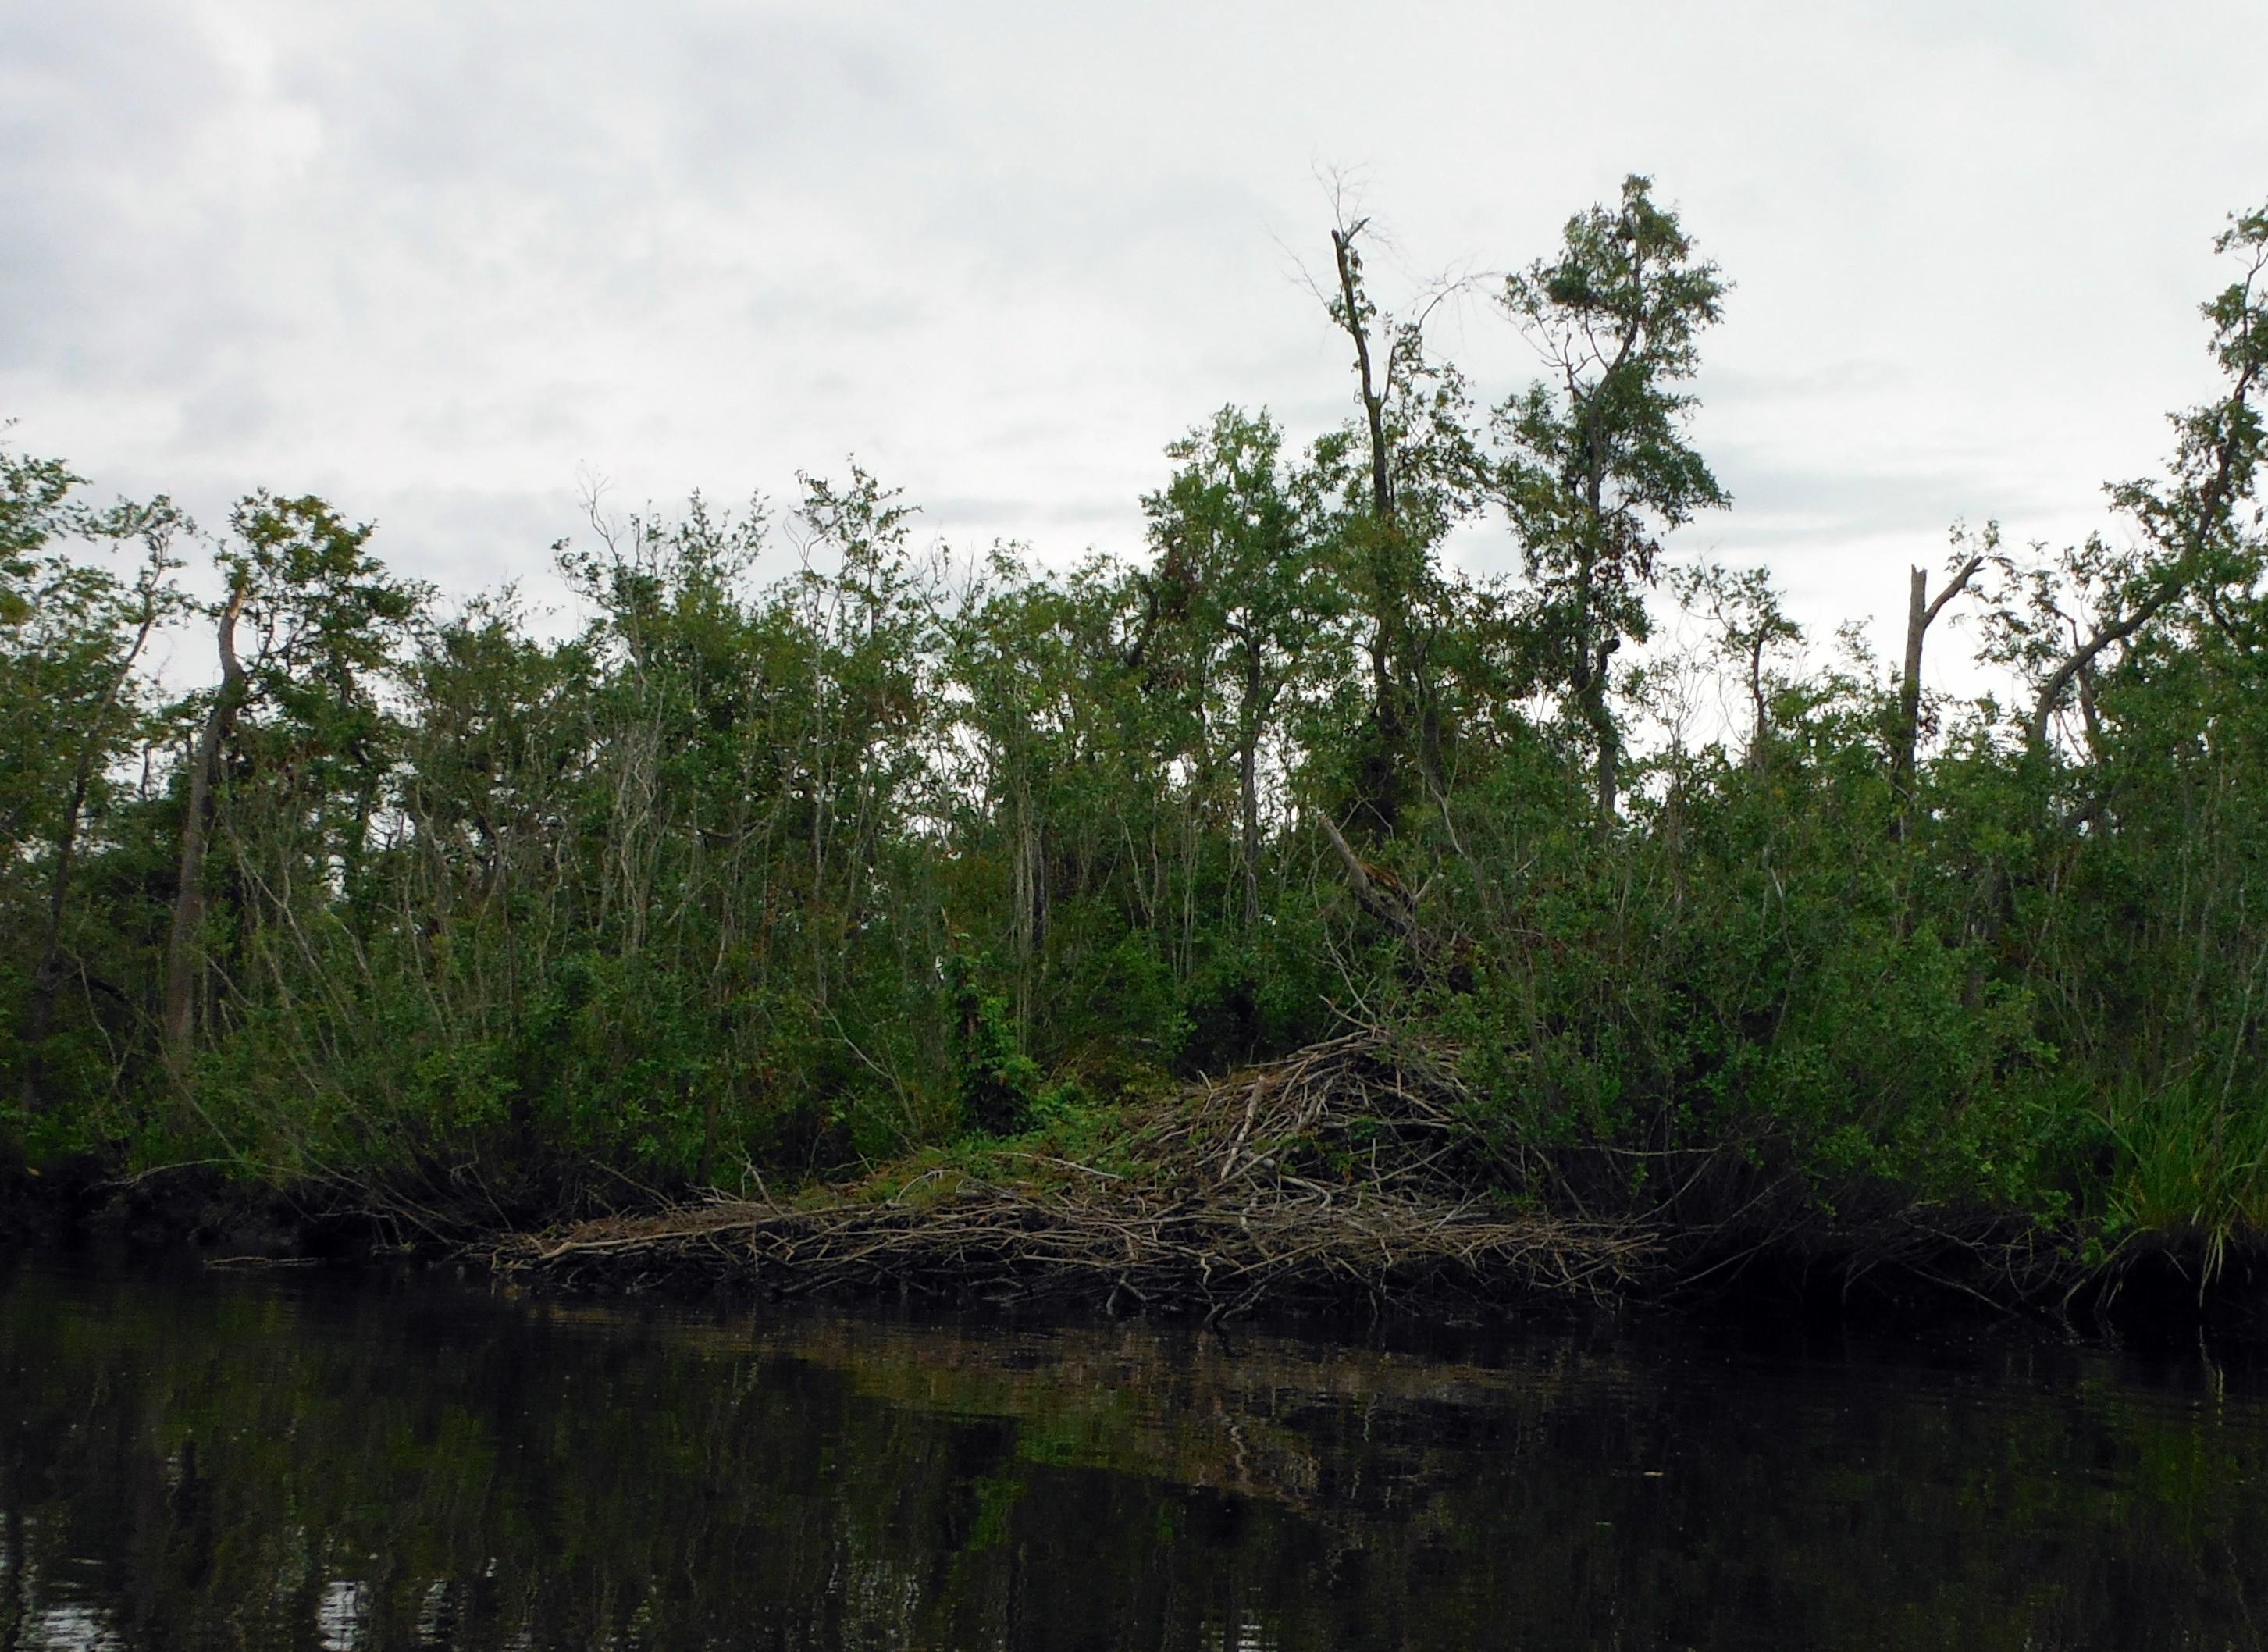 The bank along Barren Creek.